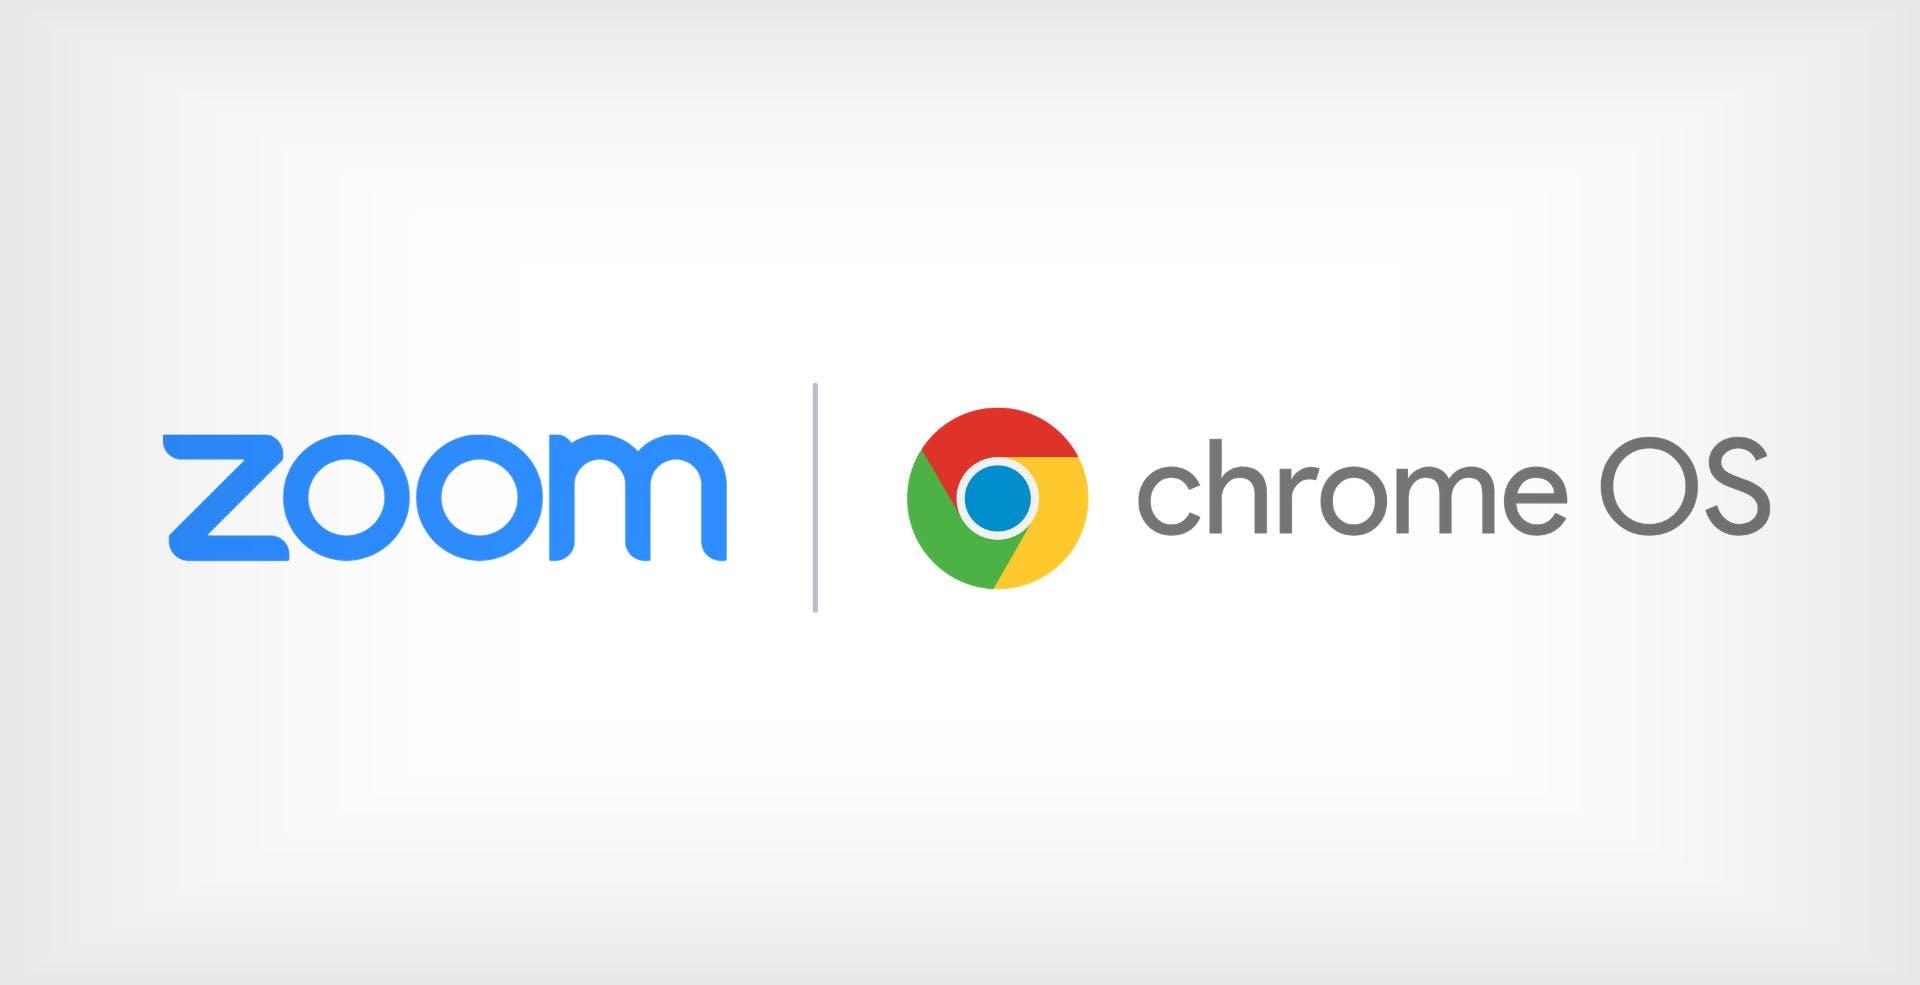 Zoom per Chromebook diventa più completo: da domani sarà disponibile la nuova app